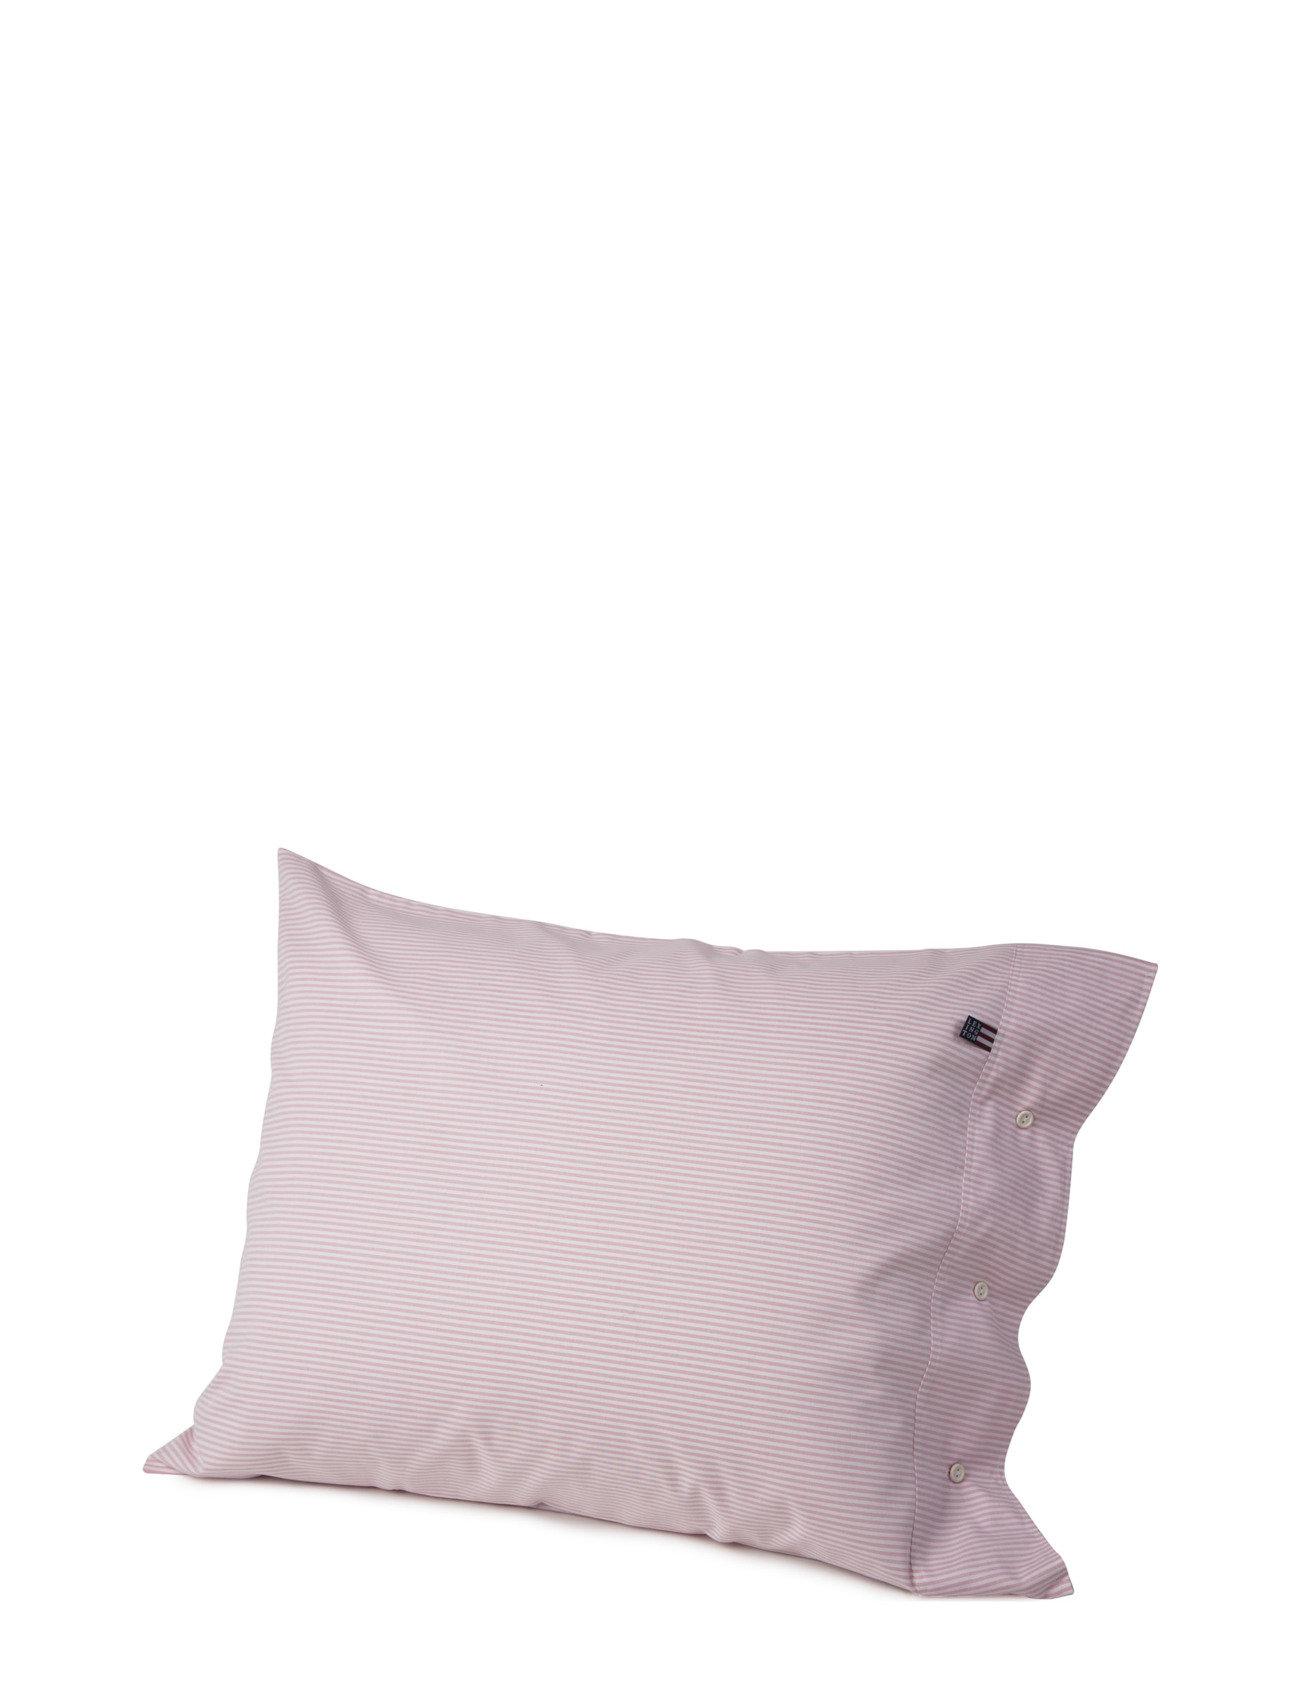 Lexington Home Pin Point Pink/White Pillowcase - PINK/WHITE